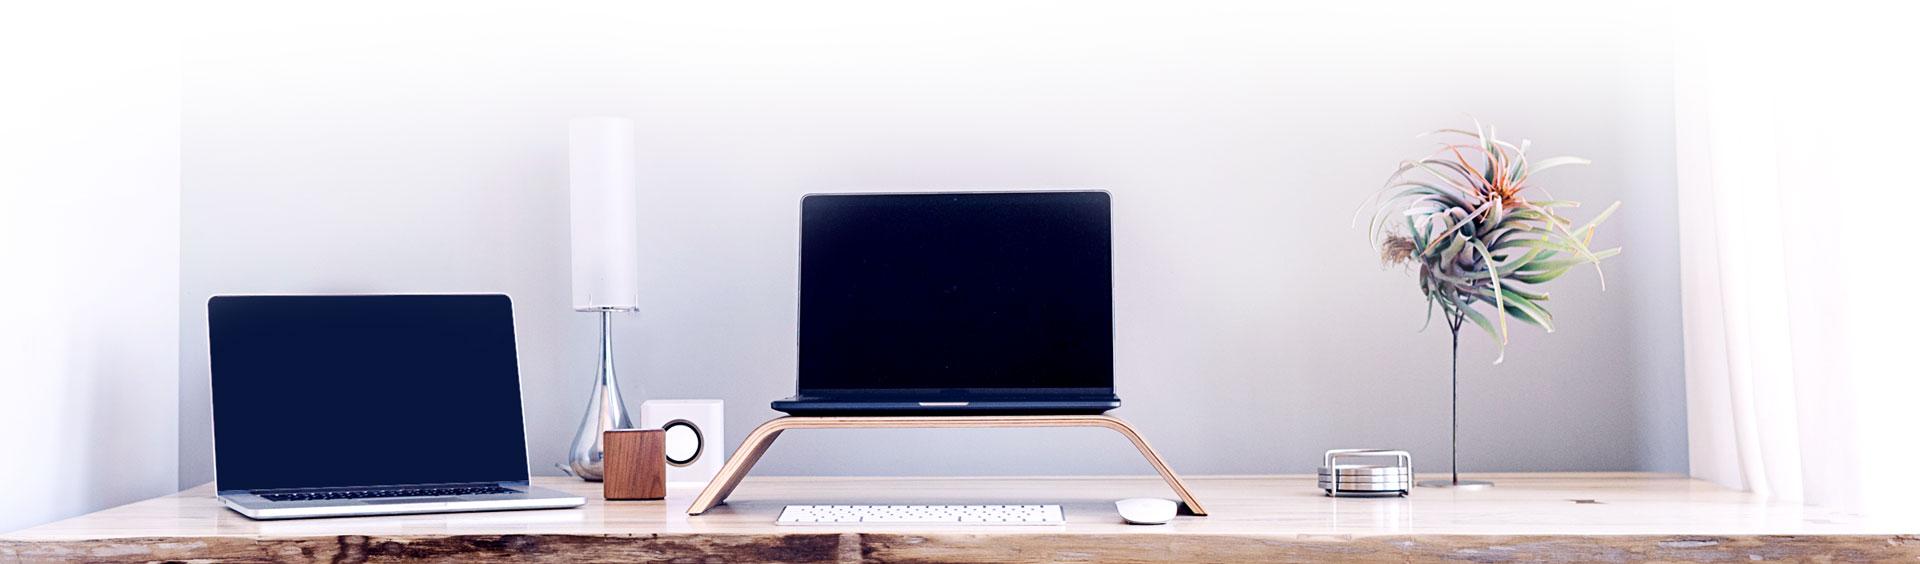 Bureau d'un développeur WordPress